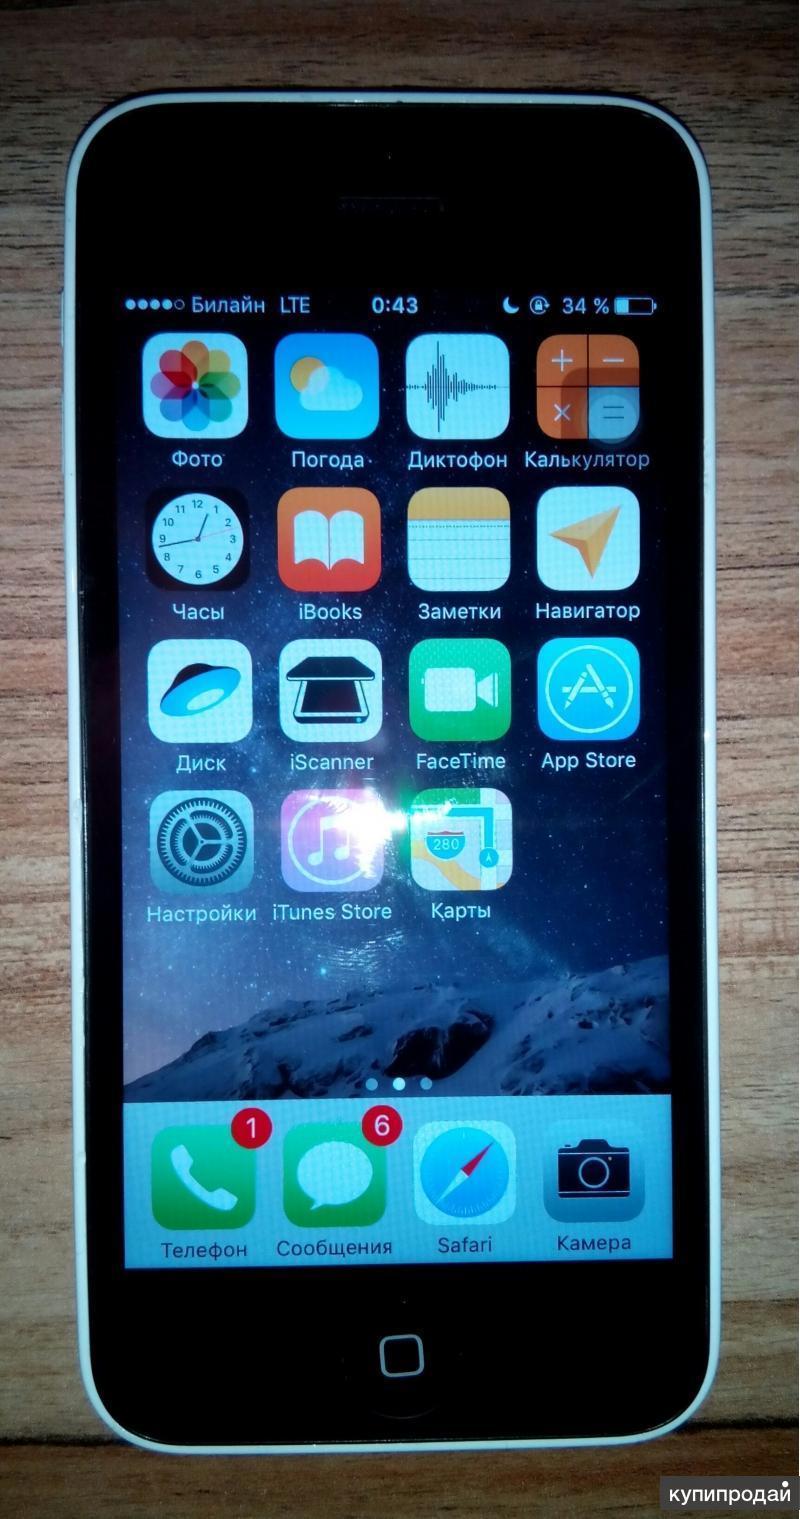 Iphone 5c 16gb, Iphone 5s 16 gb